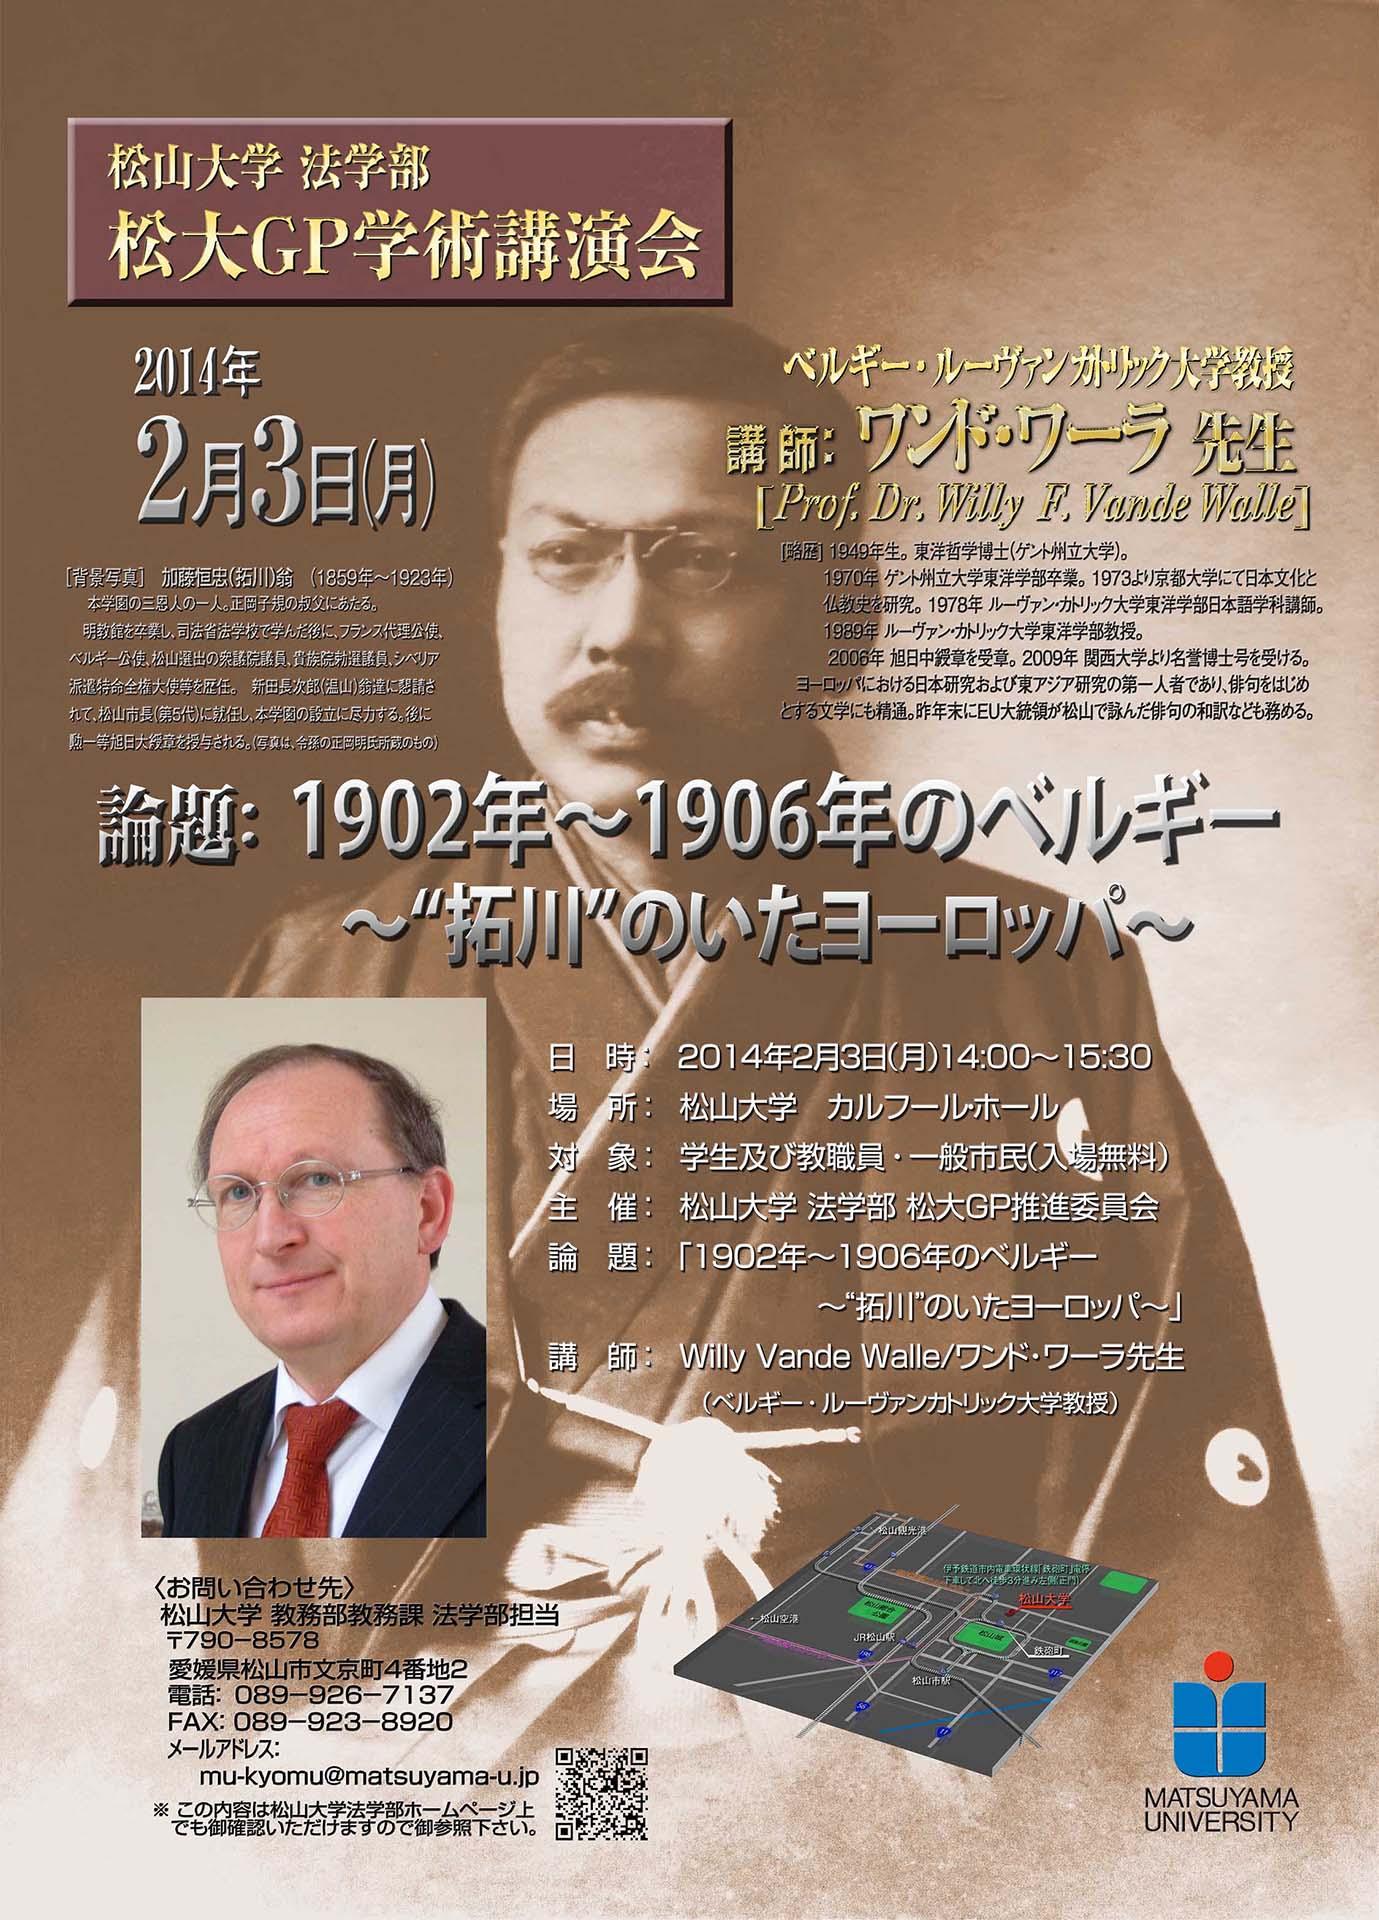 法学部松大GP学術講演会広告チラシ